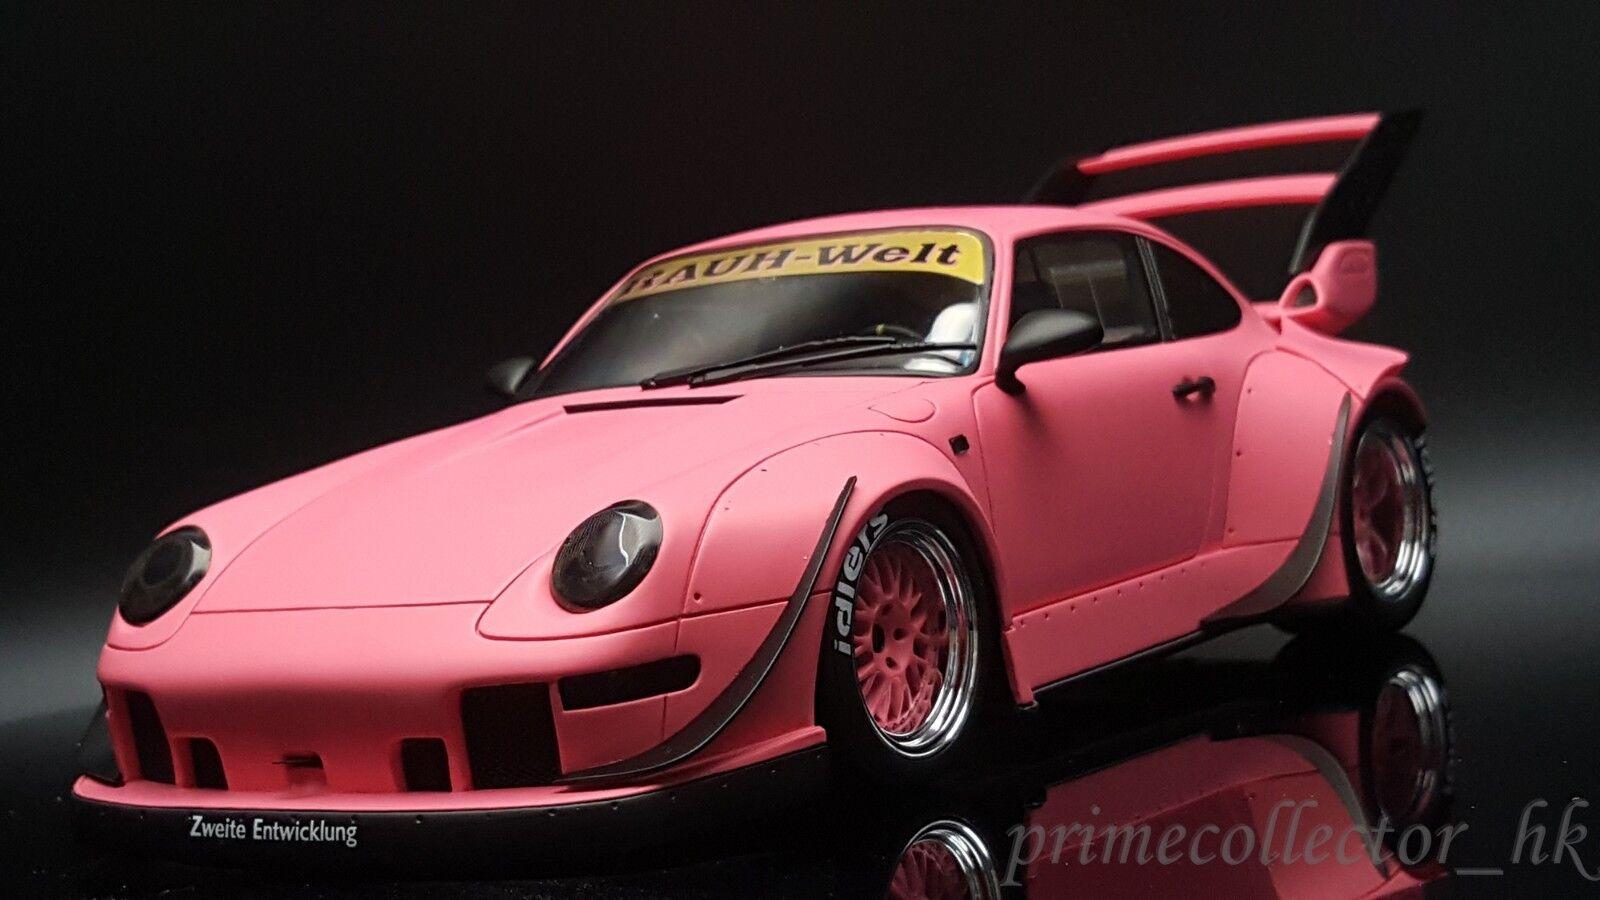 GT Spirit 1/18 Porsche 911 993 RWB Rotana 'Asia exclusivo' Mate Rosa KJ020